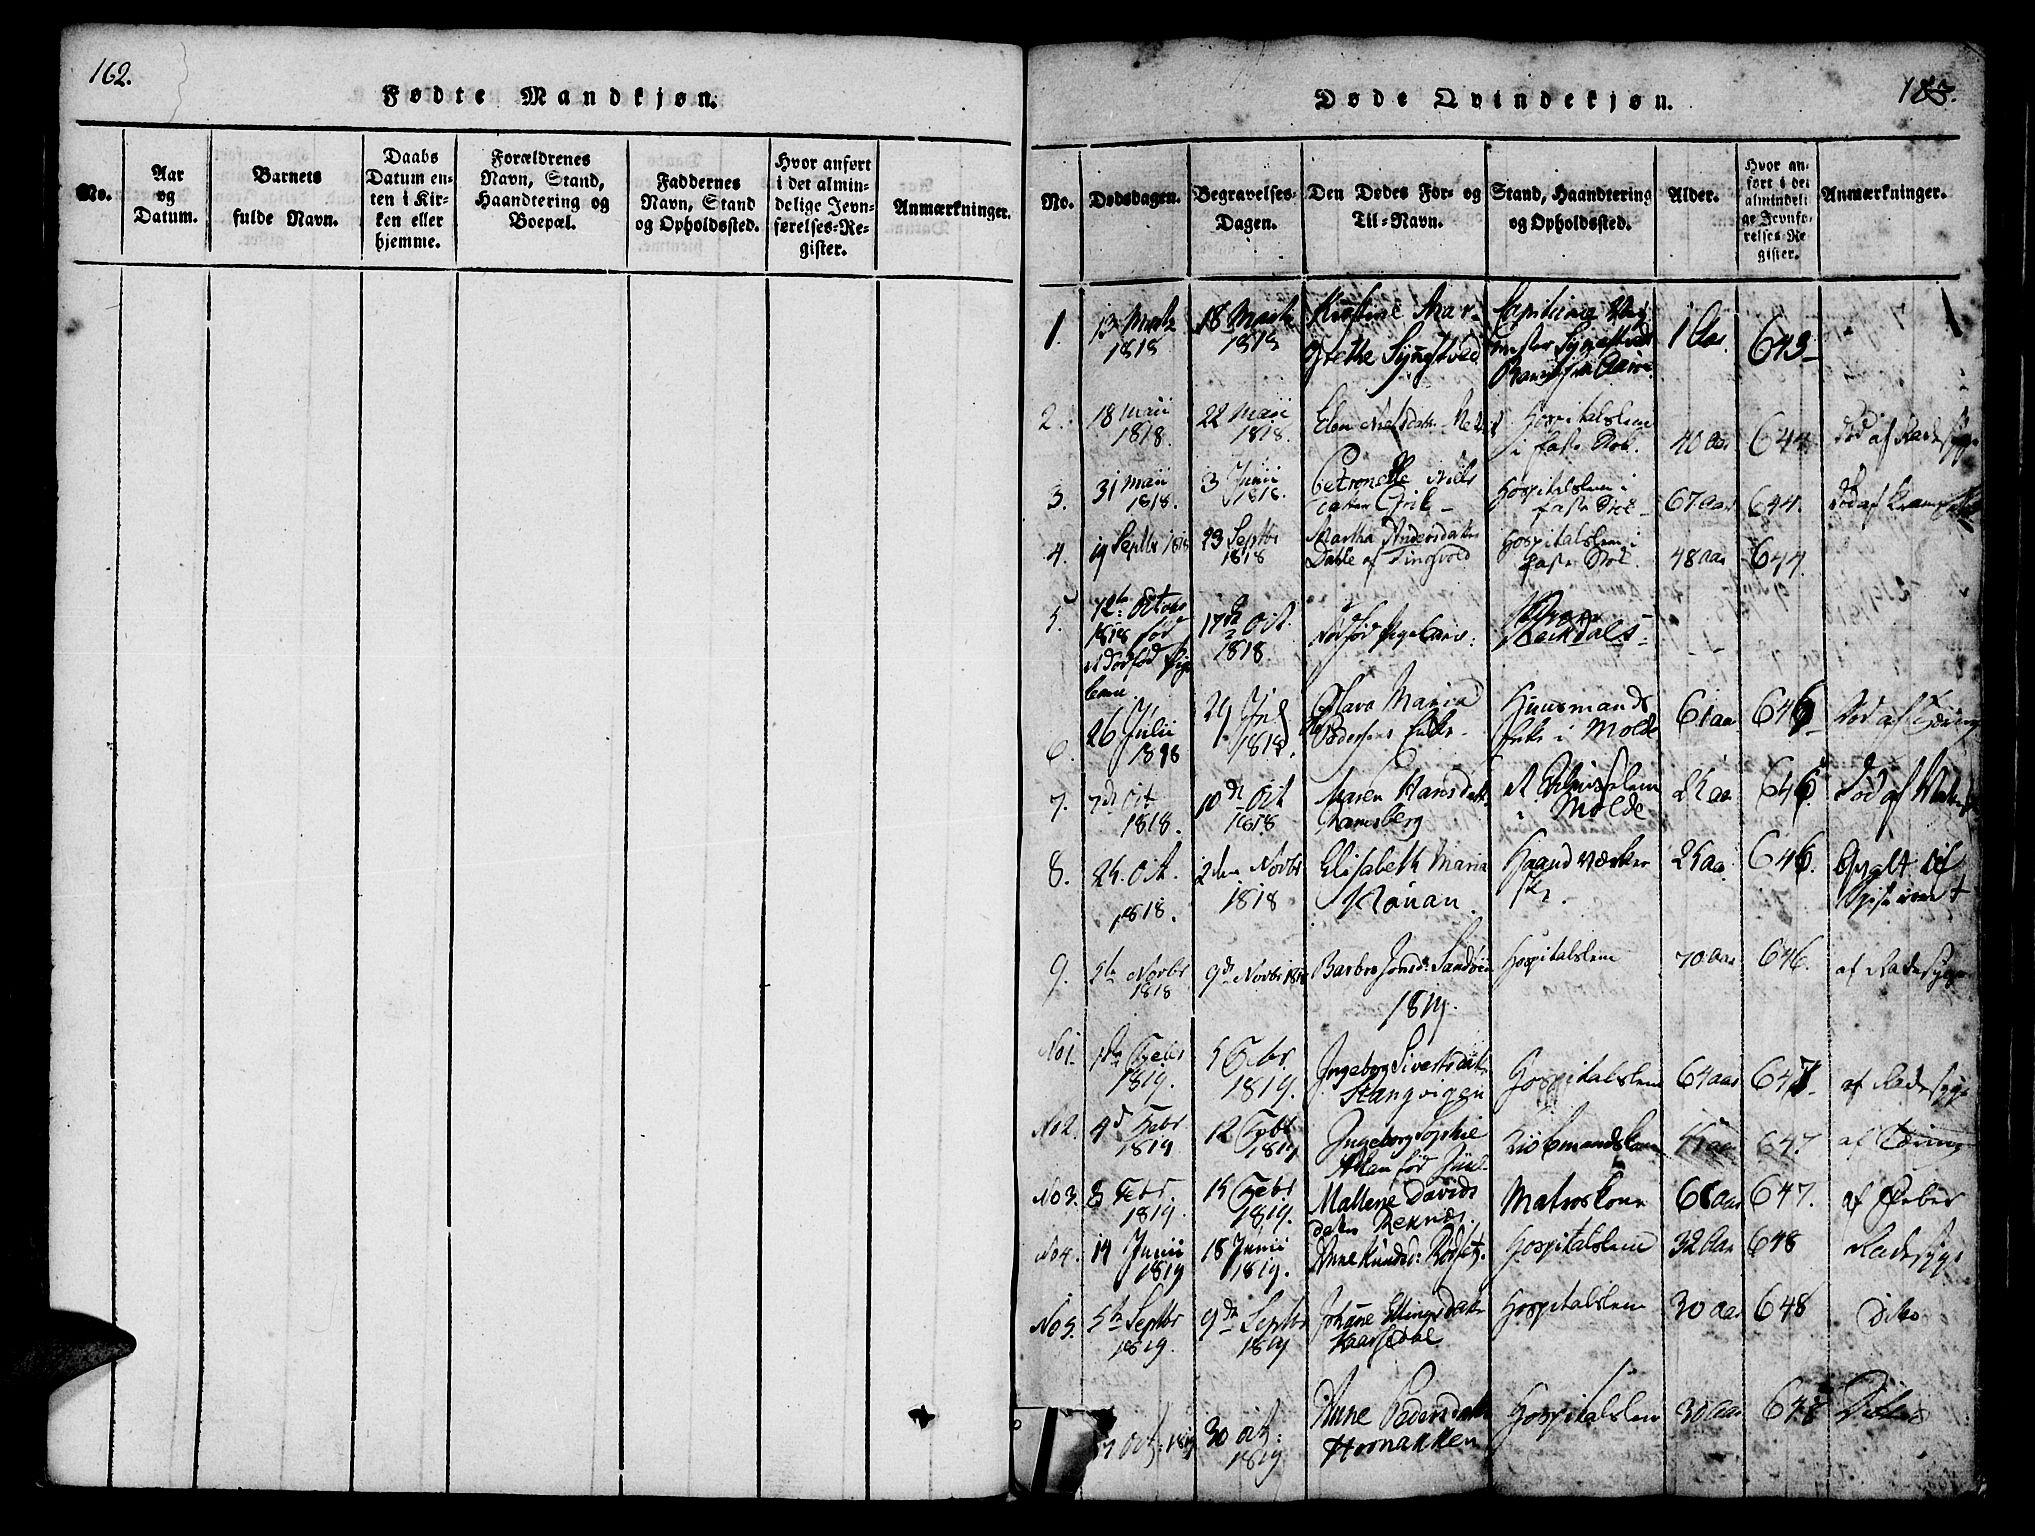 SAT, Ministerialprotokoller, klokkerbøker og fødselsregistre - Møre og Romsdal, 558/L0688: Ministerialbok nr. 558A02, 1818-1843, s. 182-183